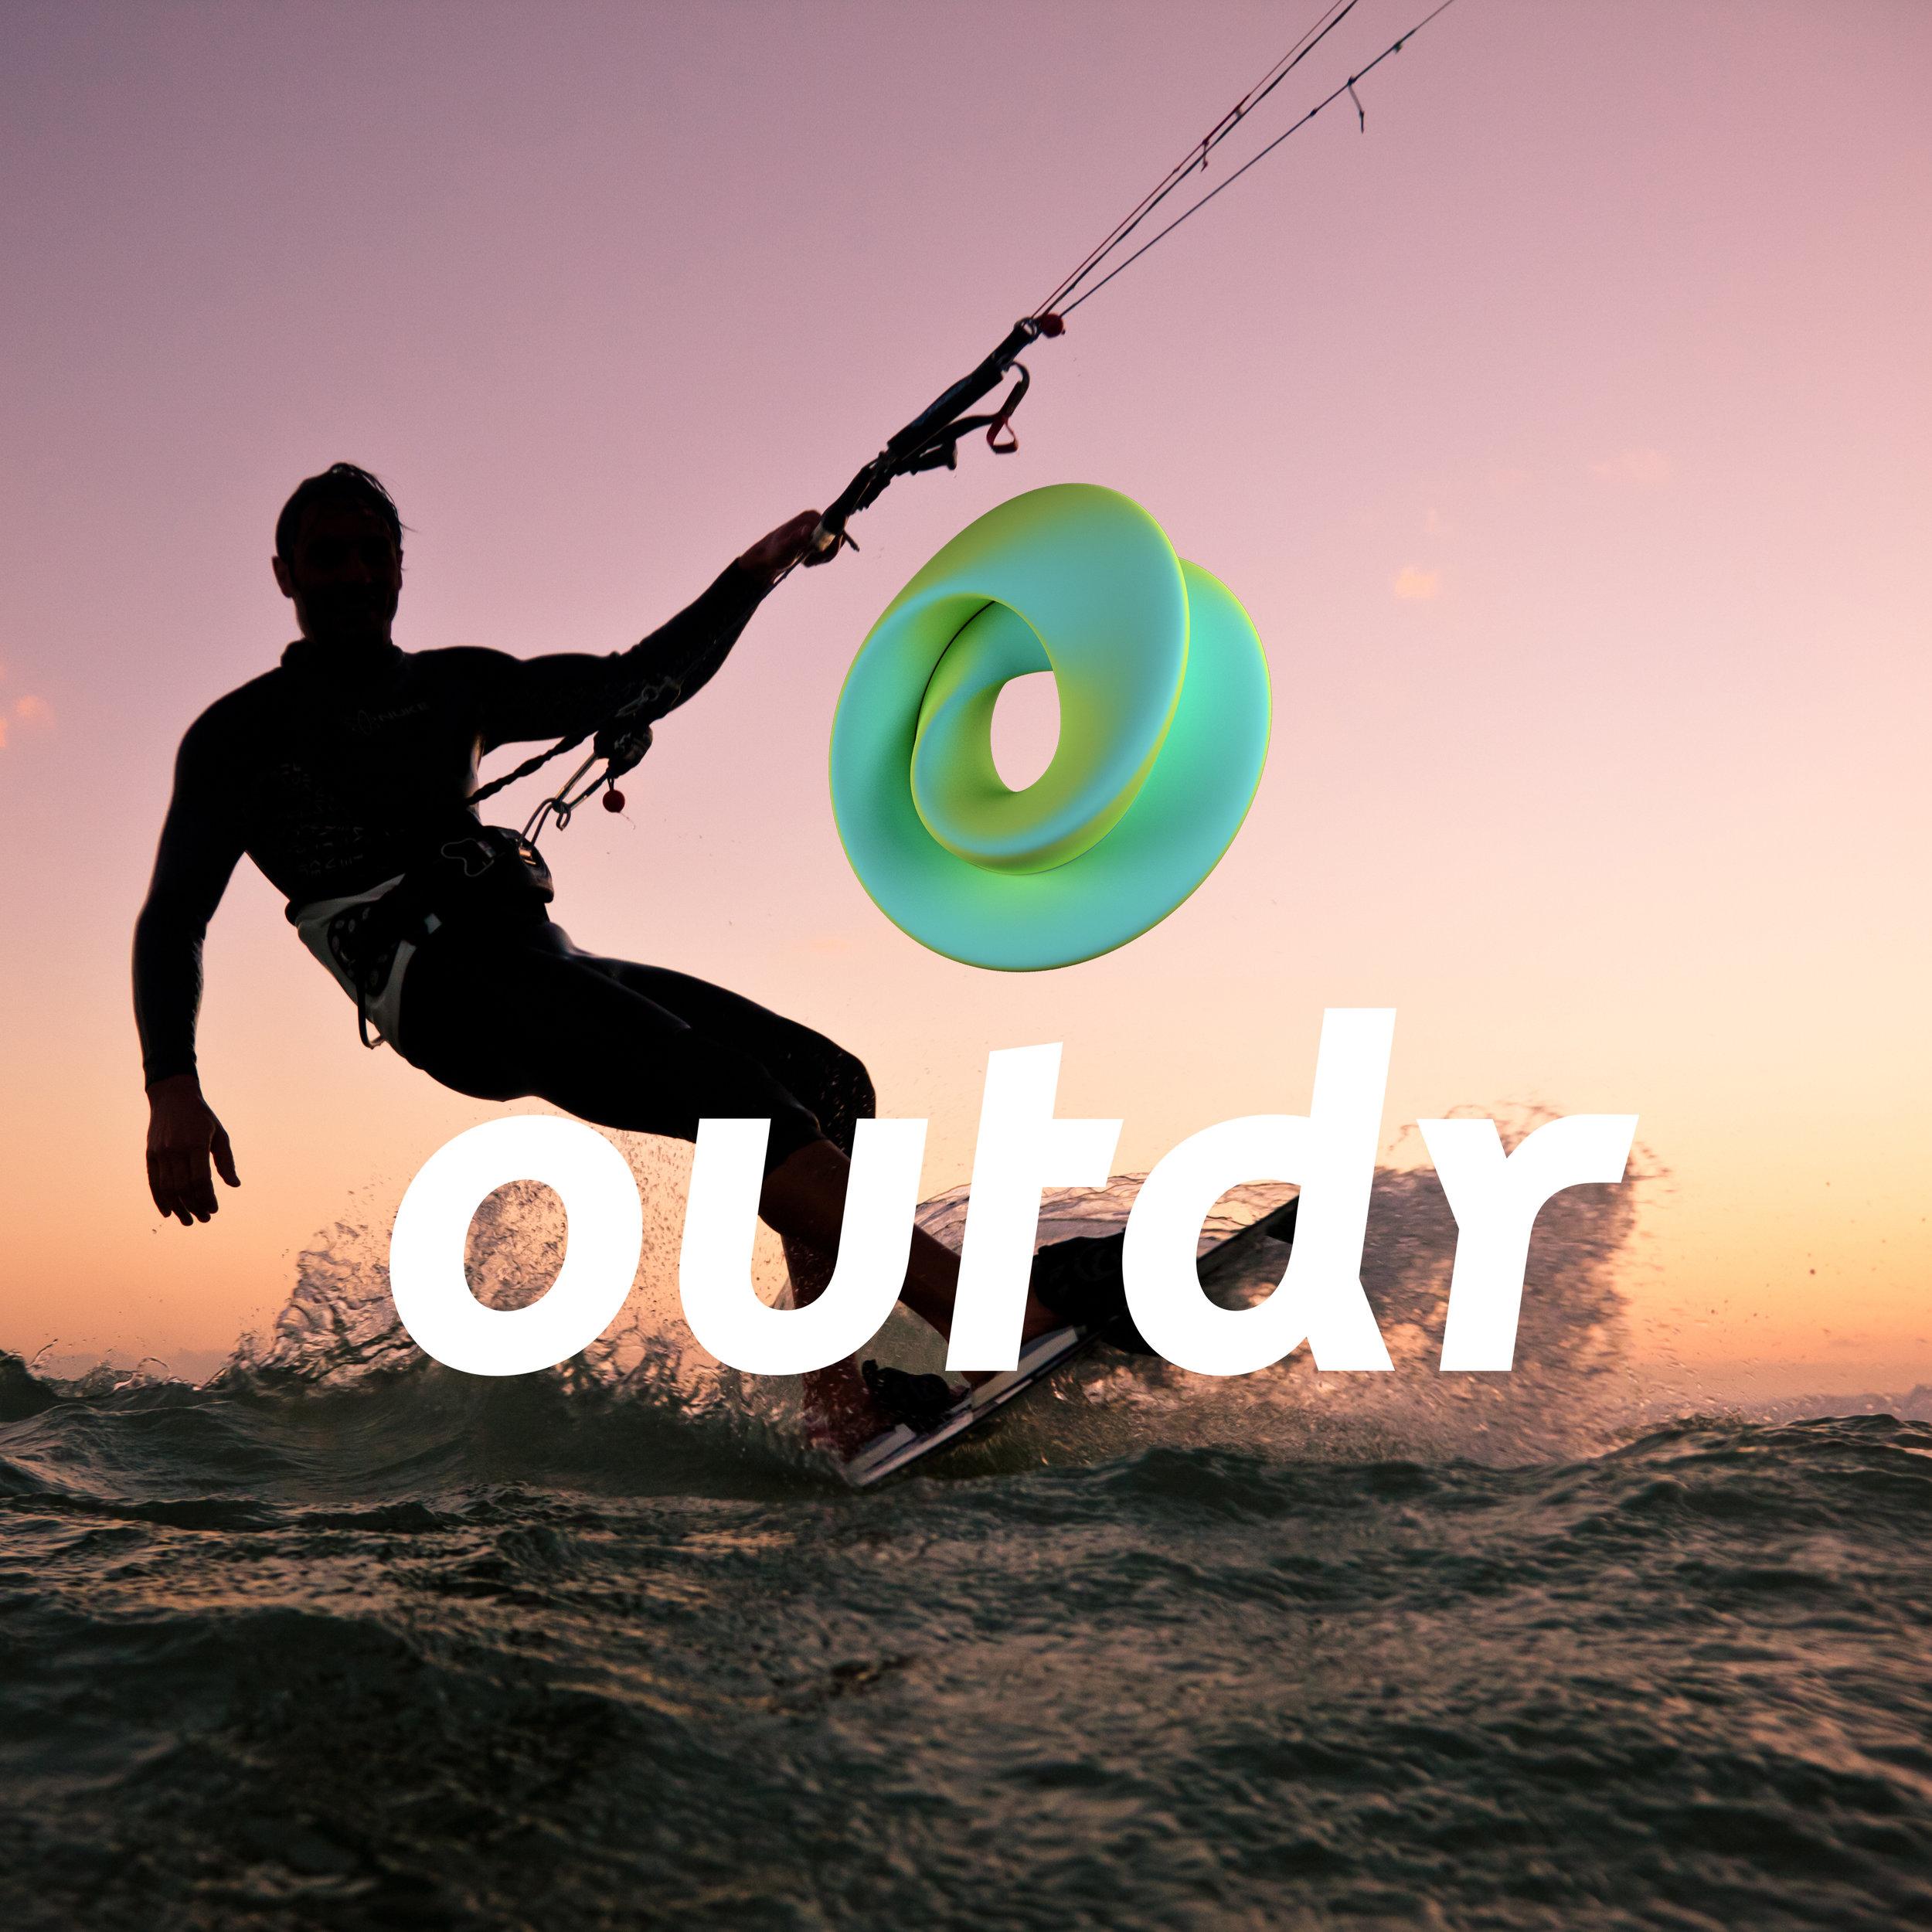 outdr_tile.jpg